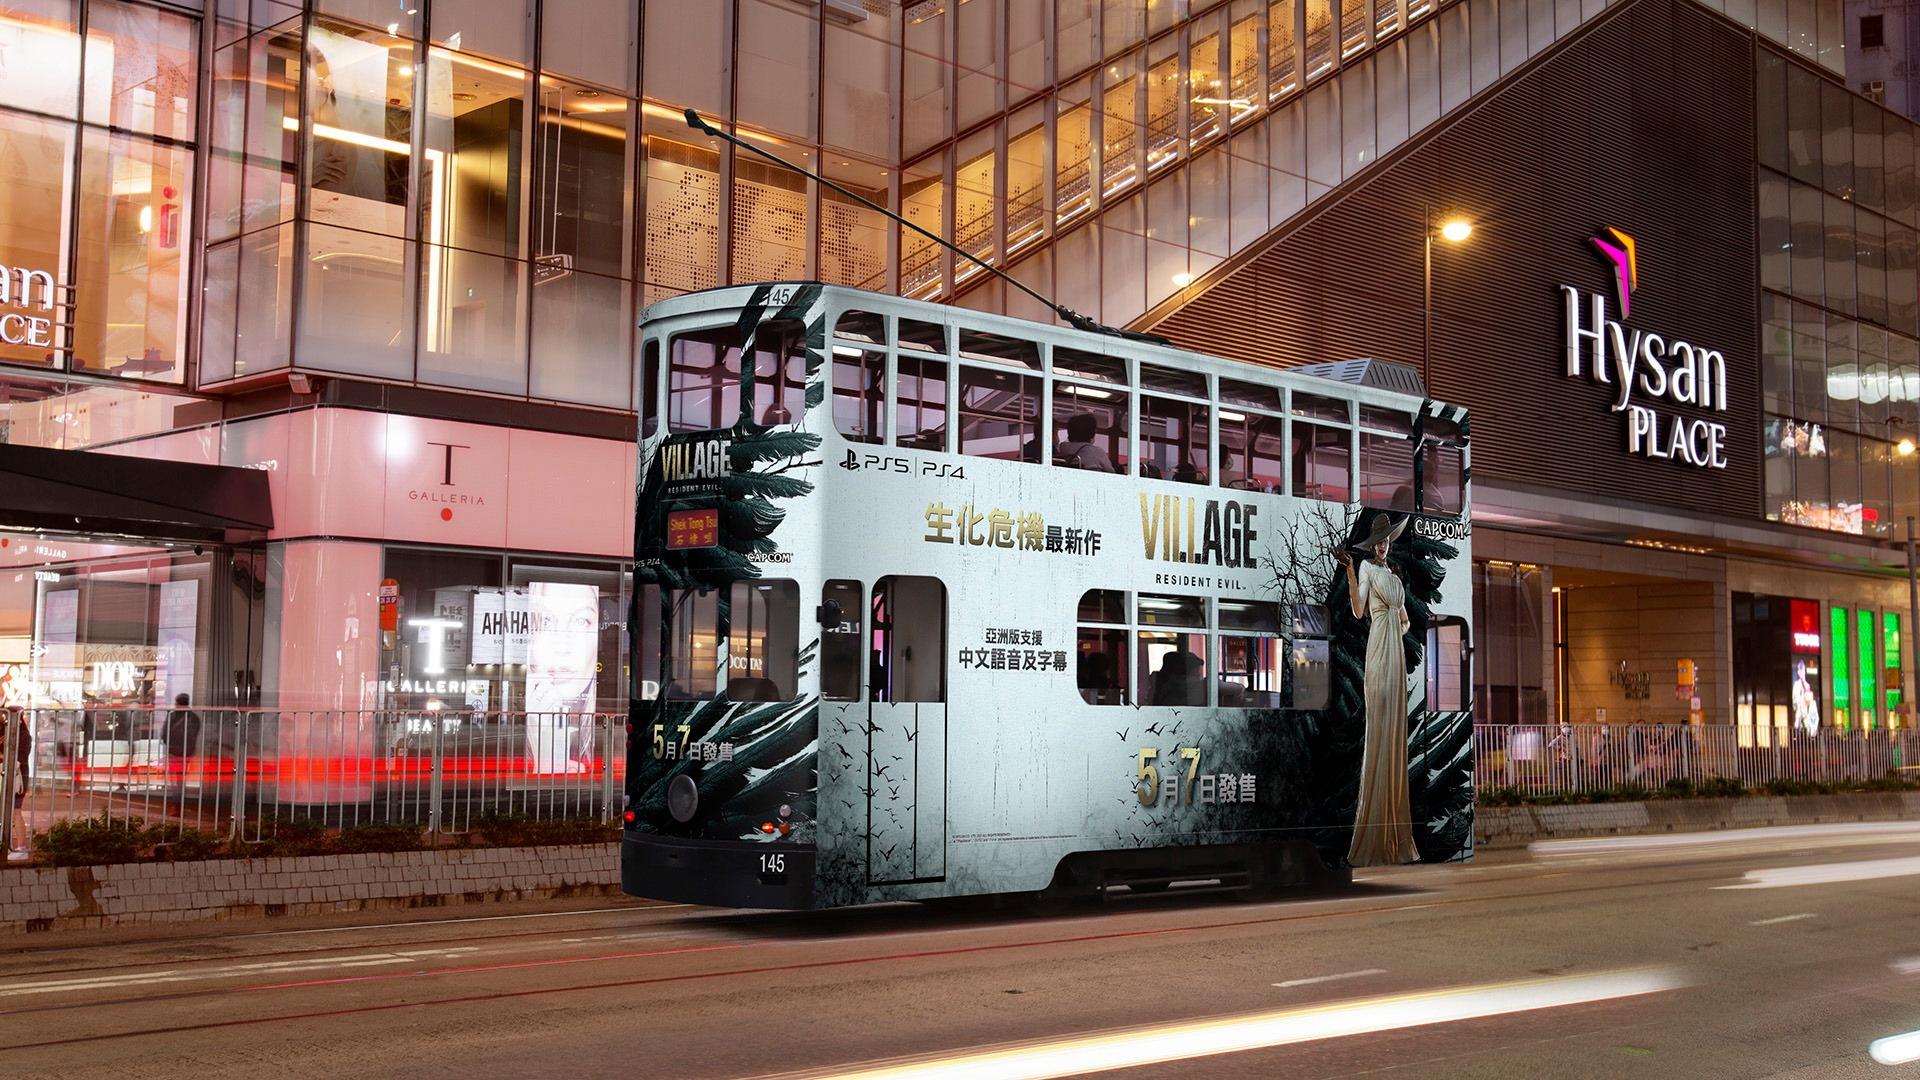 超大显眼:香港现《生化危机8》双层电车广告